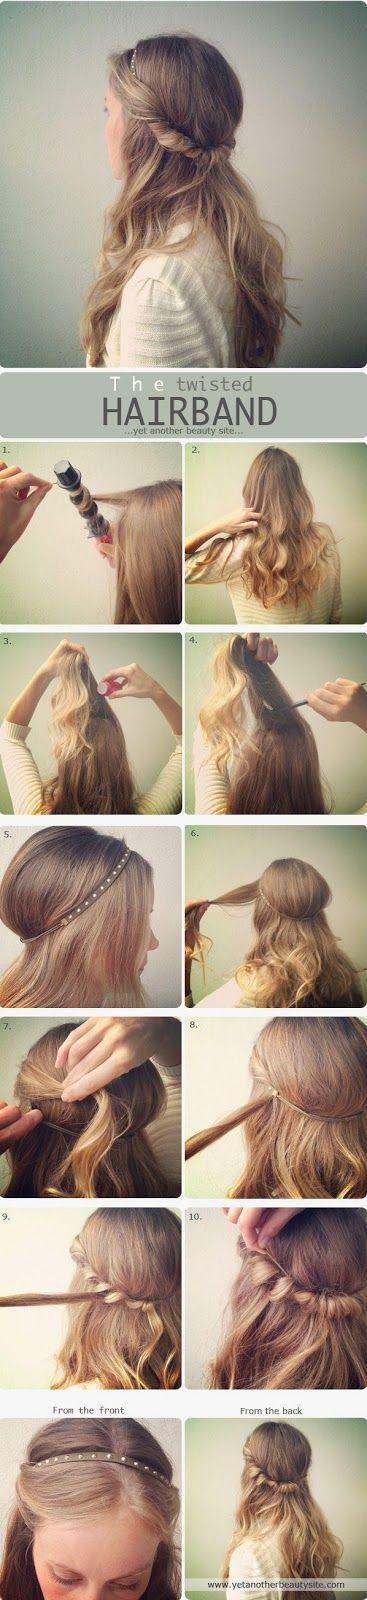 SEMI-RECOGIDO CON ENROLLADOS : Peinados y cortes de cabello